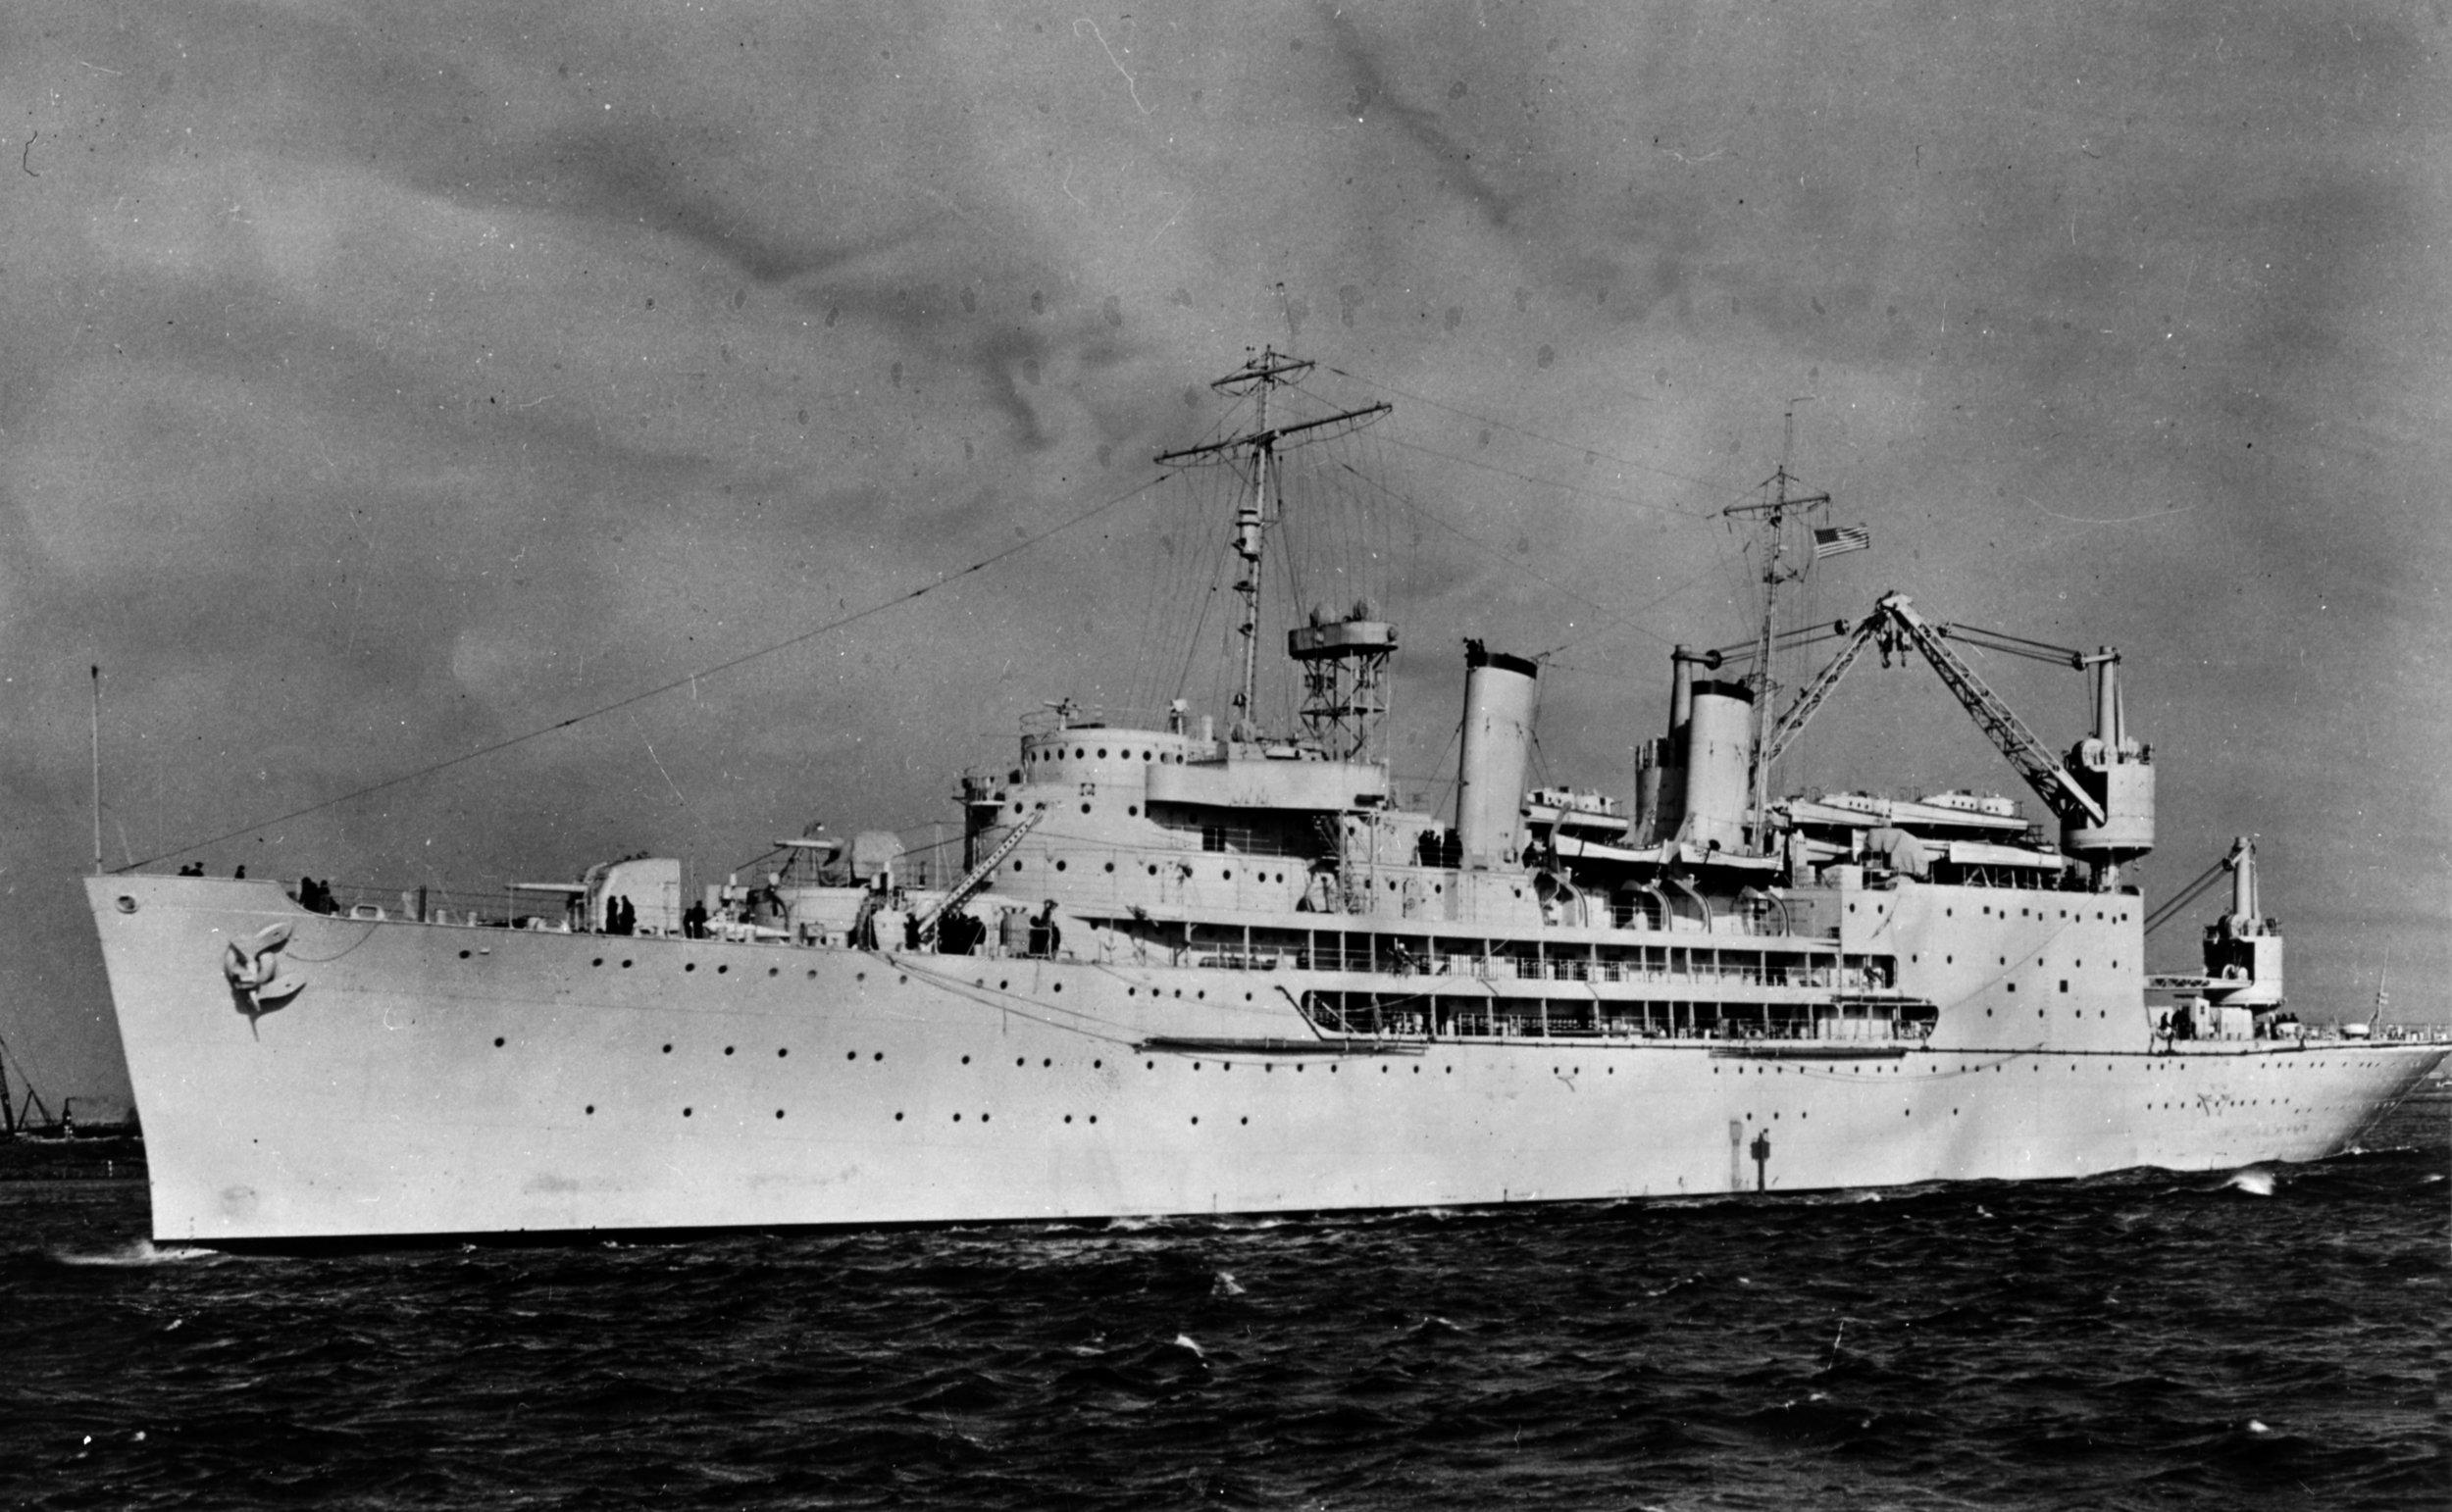 USS_Curtiss_(AV-4)_in_1940_(NH_55535).jpg